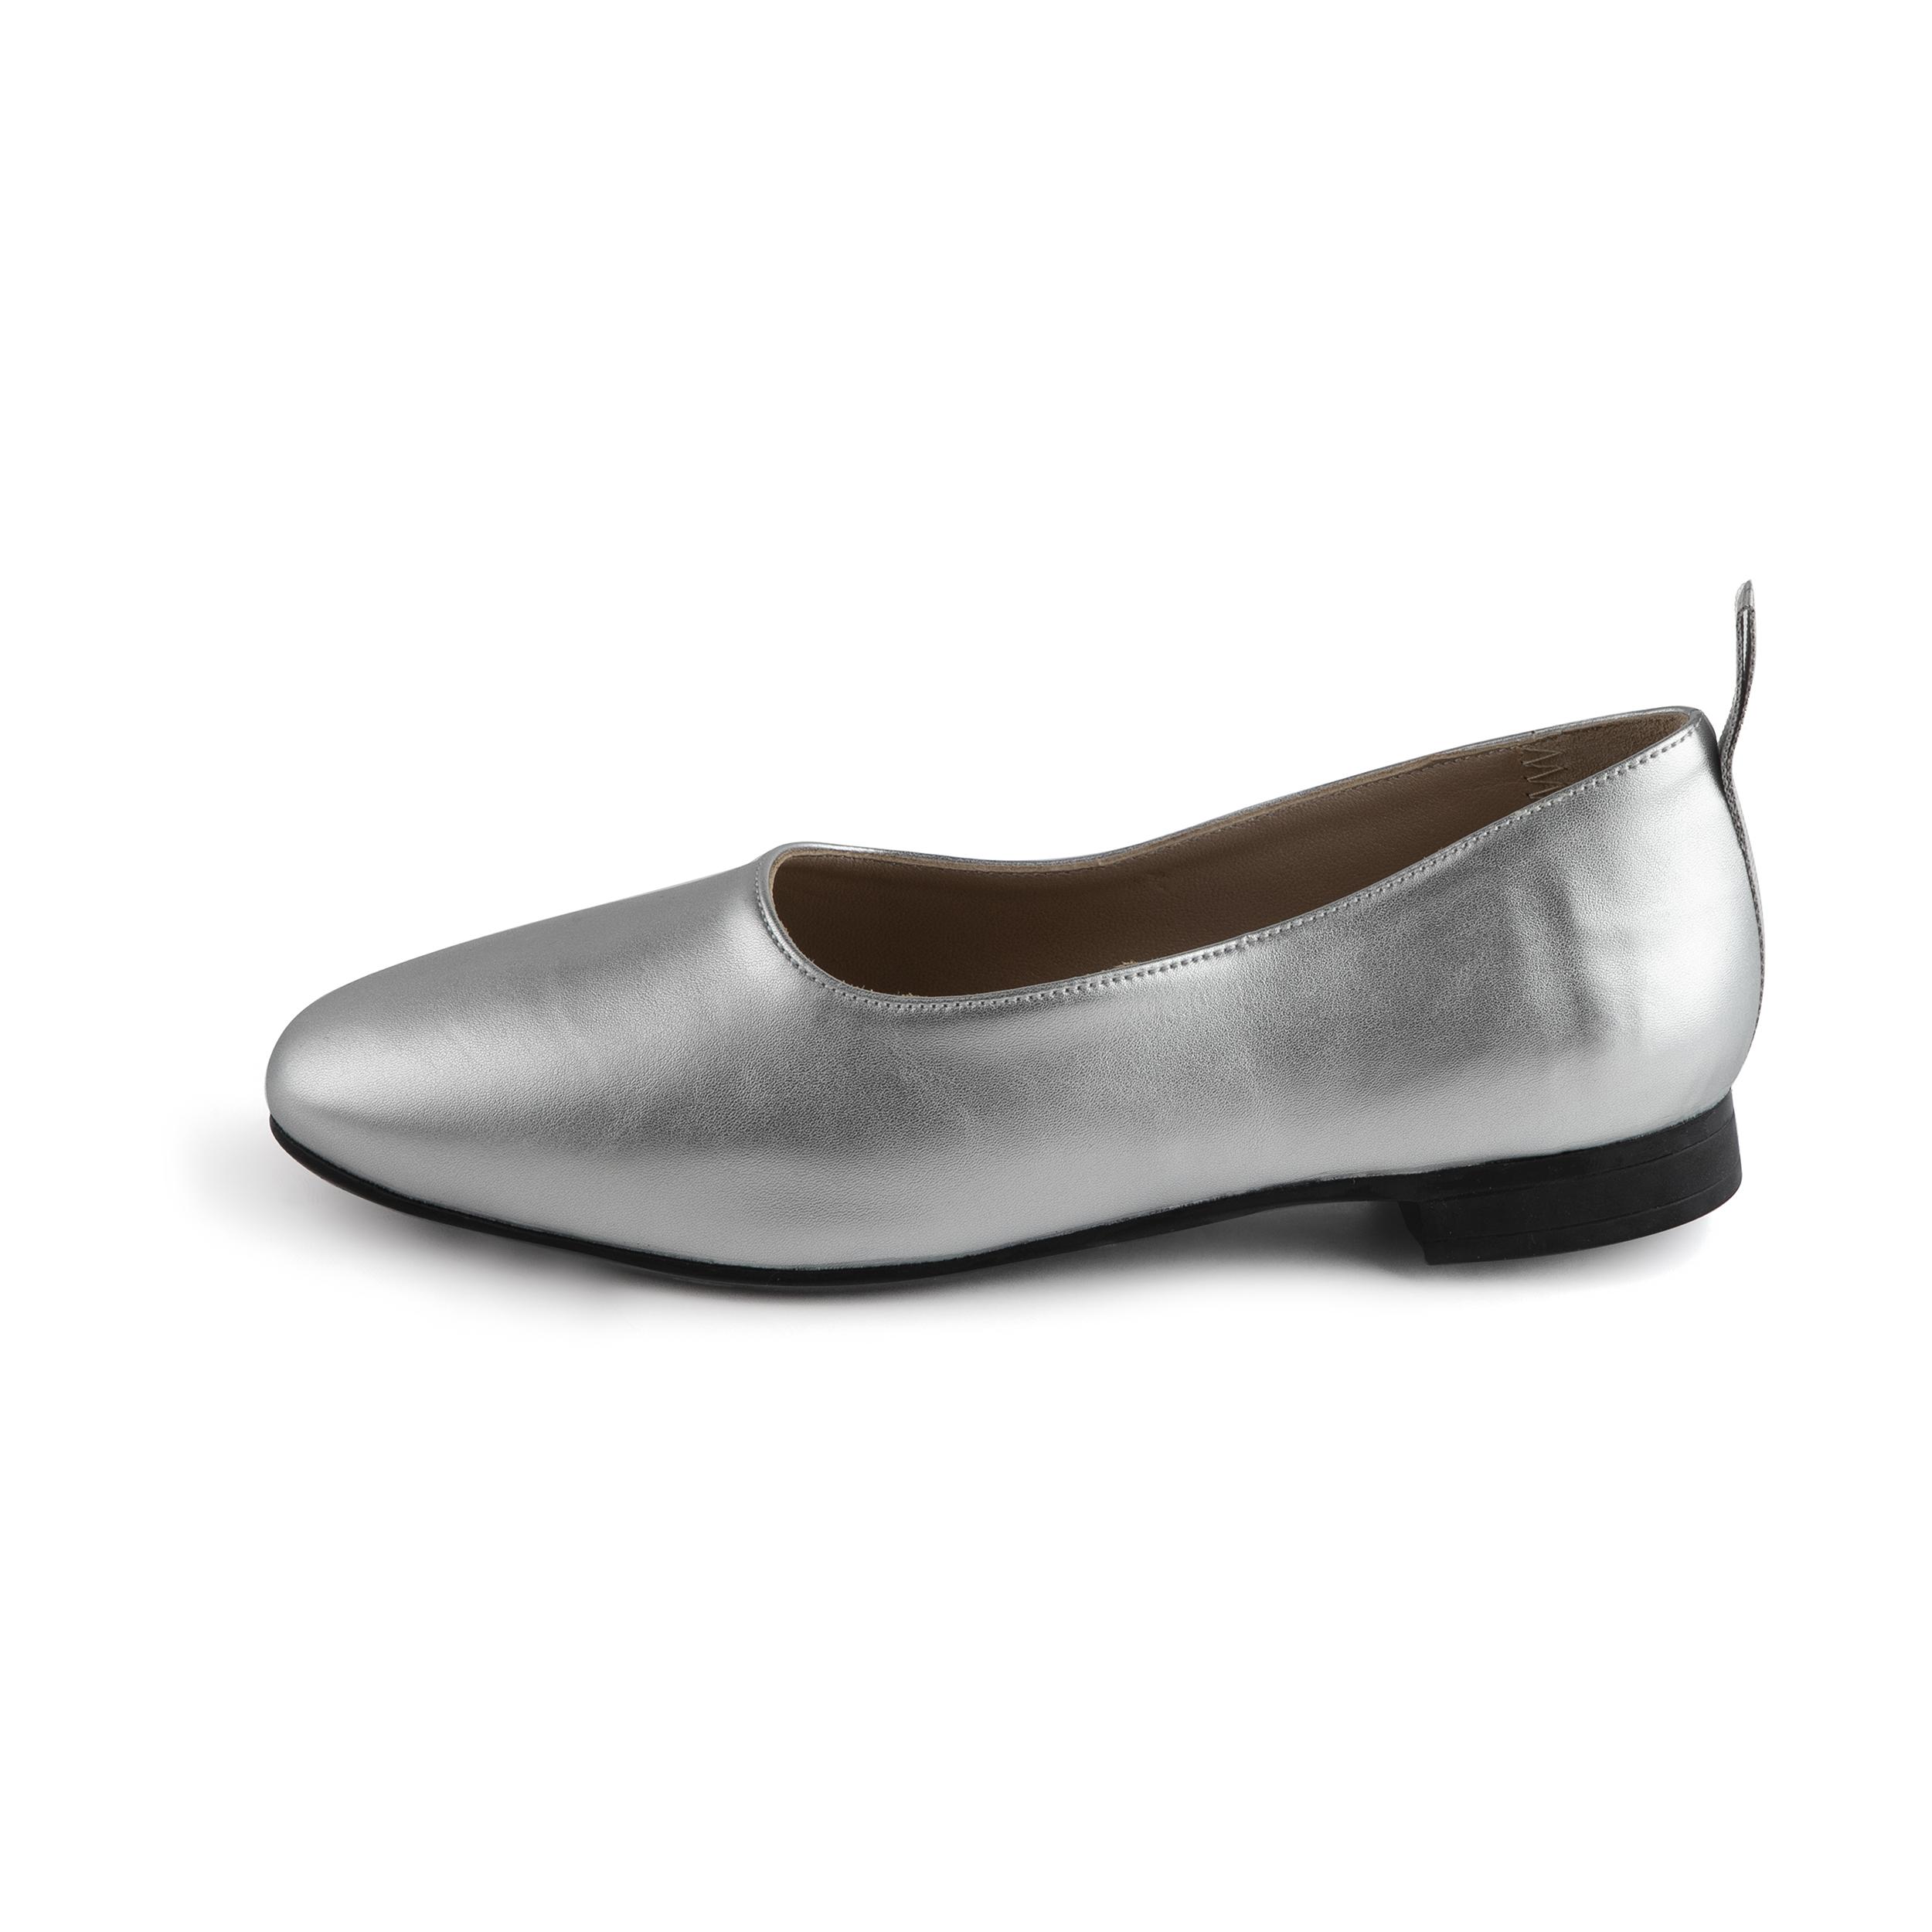 کفش زنانه آرتمن مدل Cloud 1-42388-191